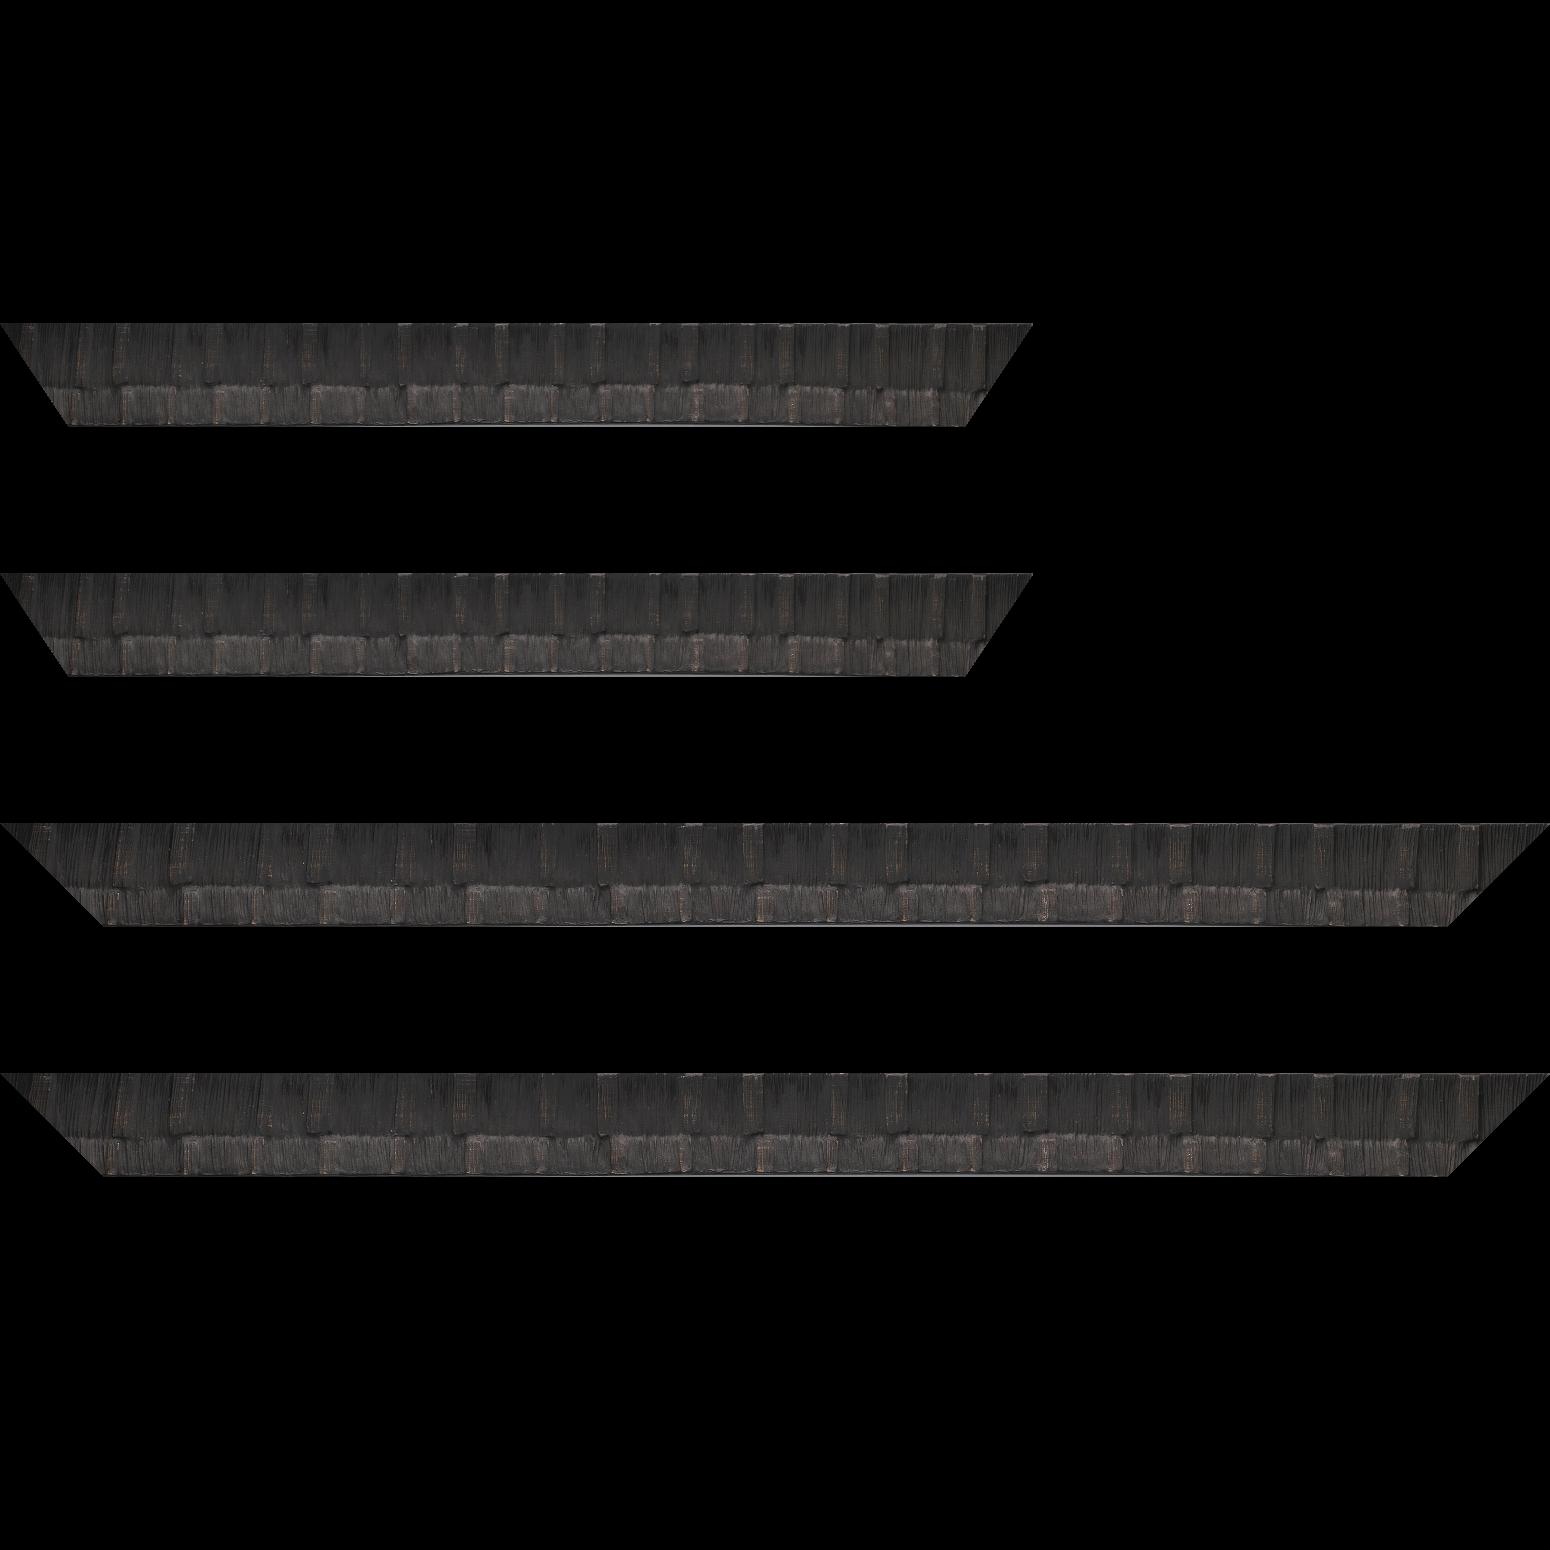 Baguette service précoupé bois profil incurvé largeur 3cm  couleur noir ébène finition ethnique